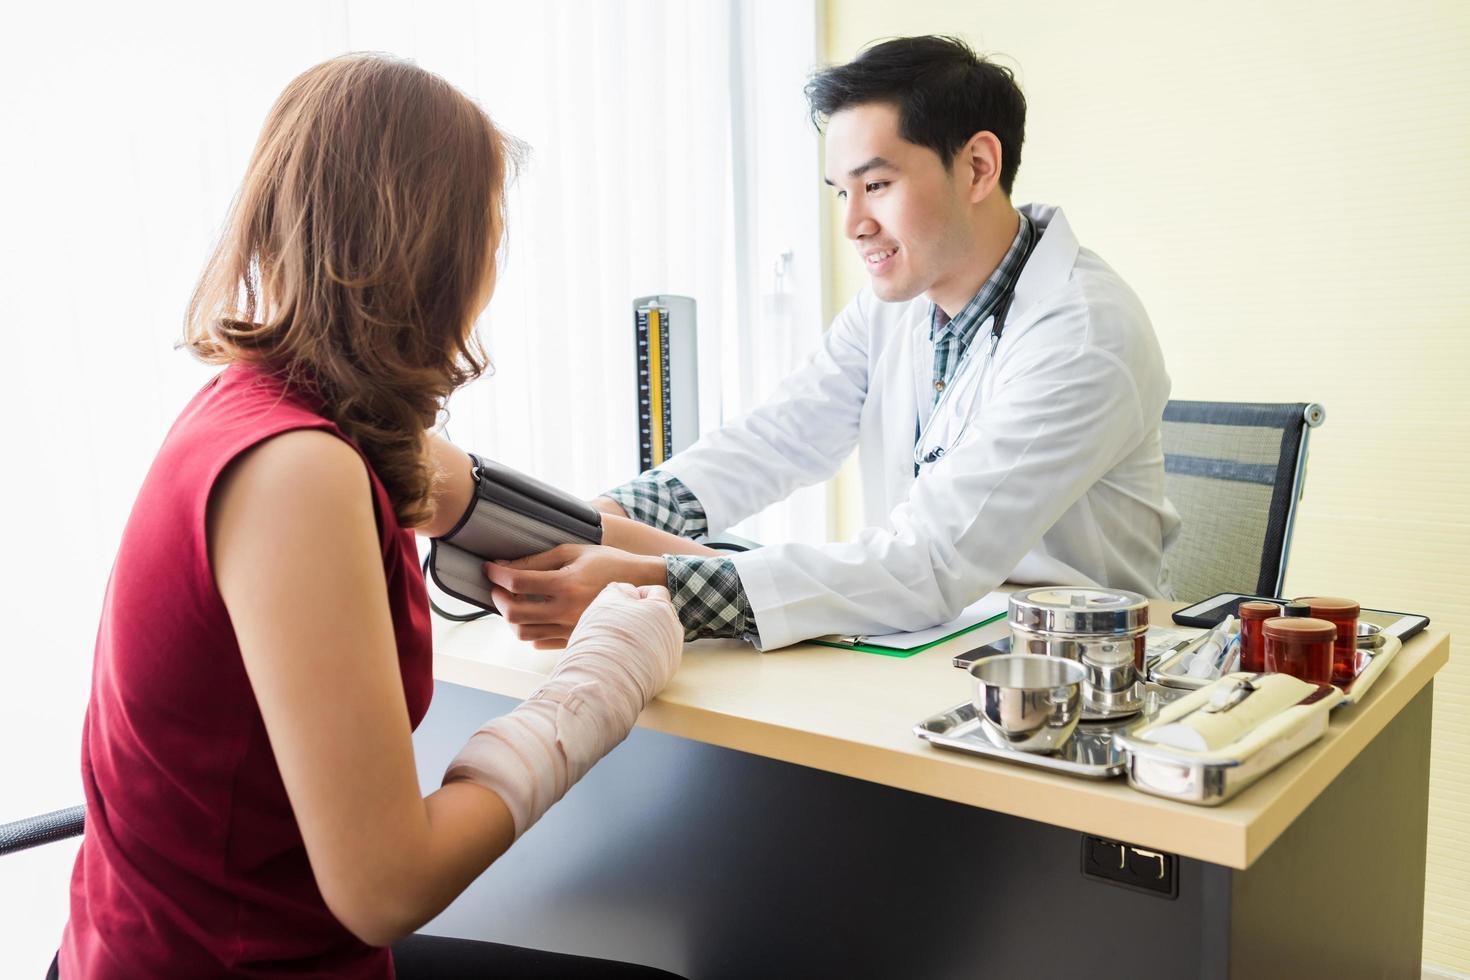 asiatischer junger männlicher Arzt mit Patientin foto